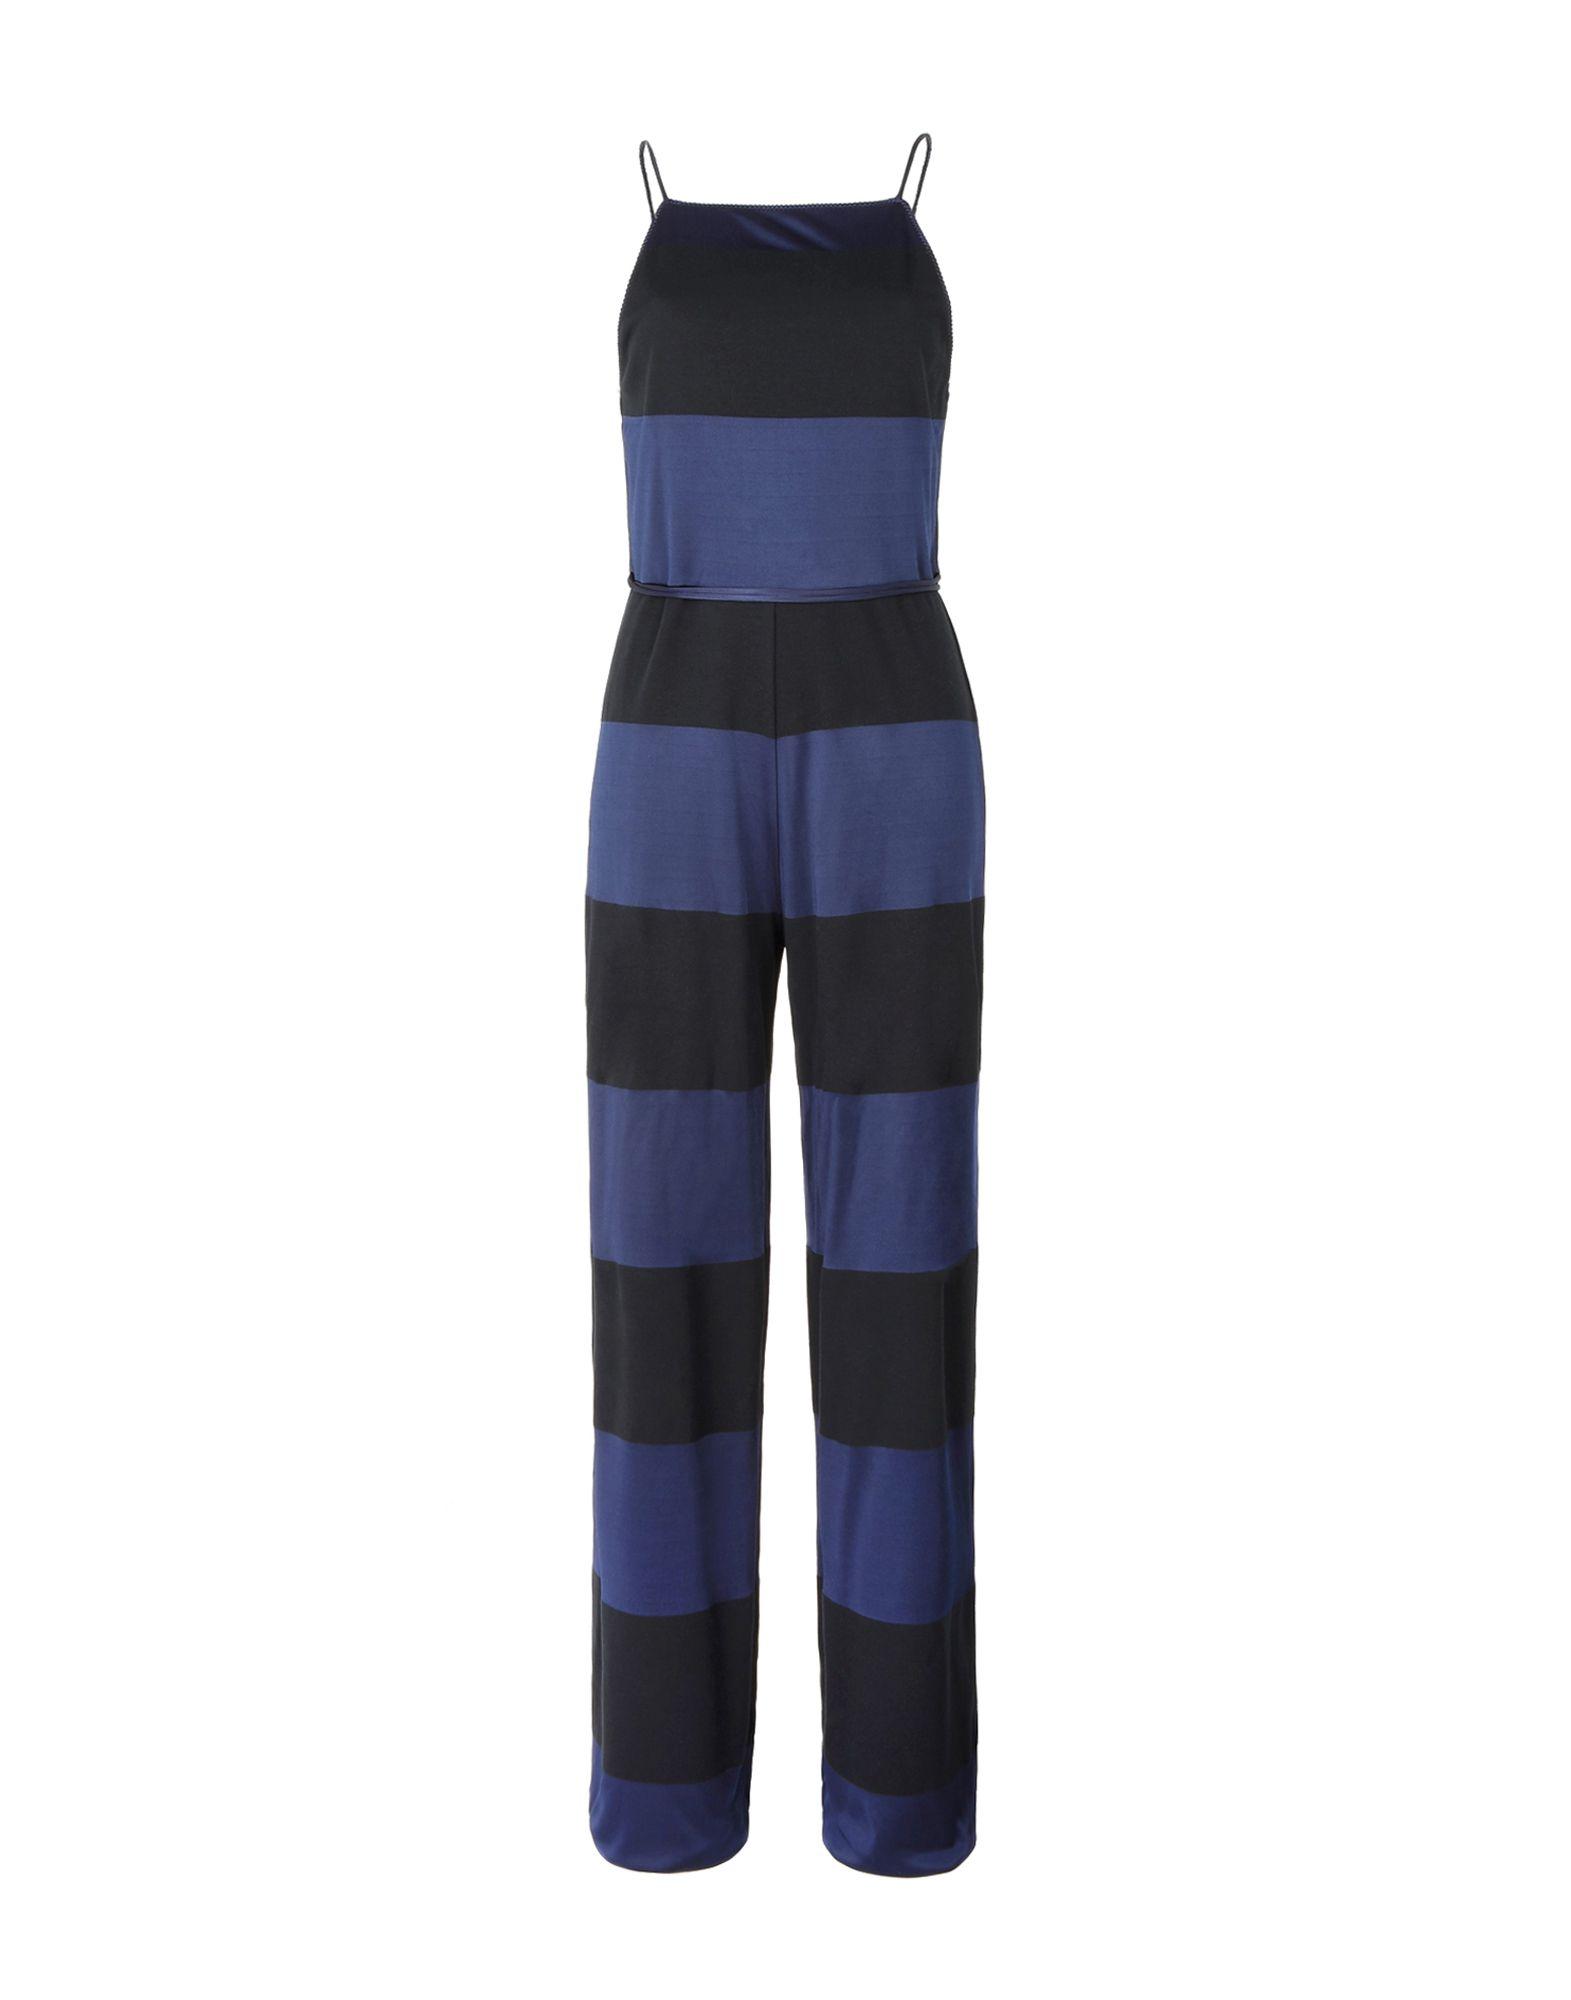 Salopette Gigi Hadid X Tommy Hilfiger Gigi Jumpsuit - Donna - Acquista online su